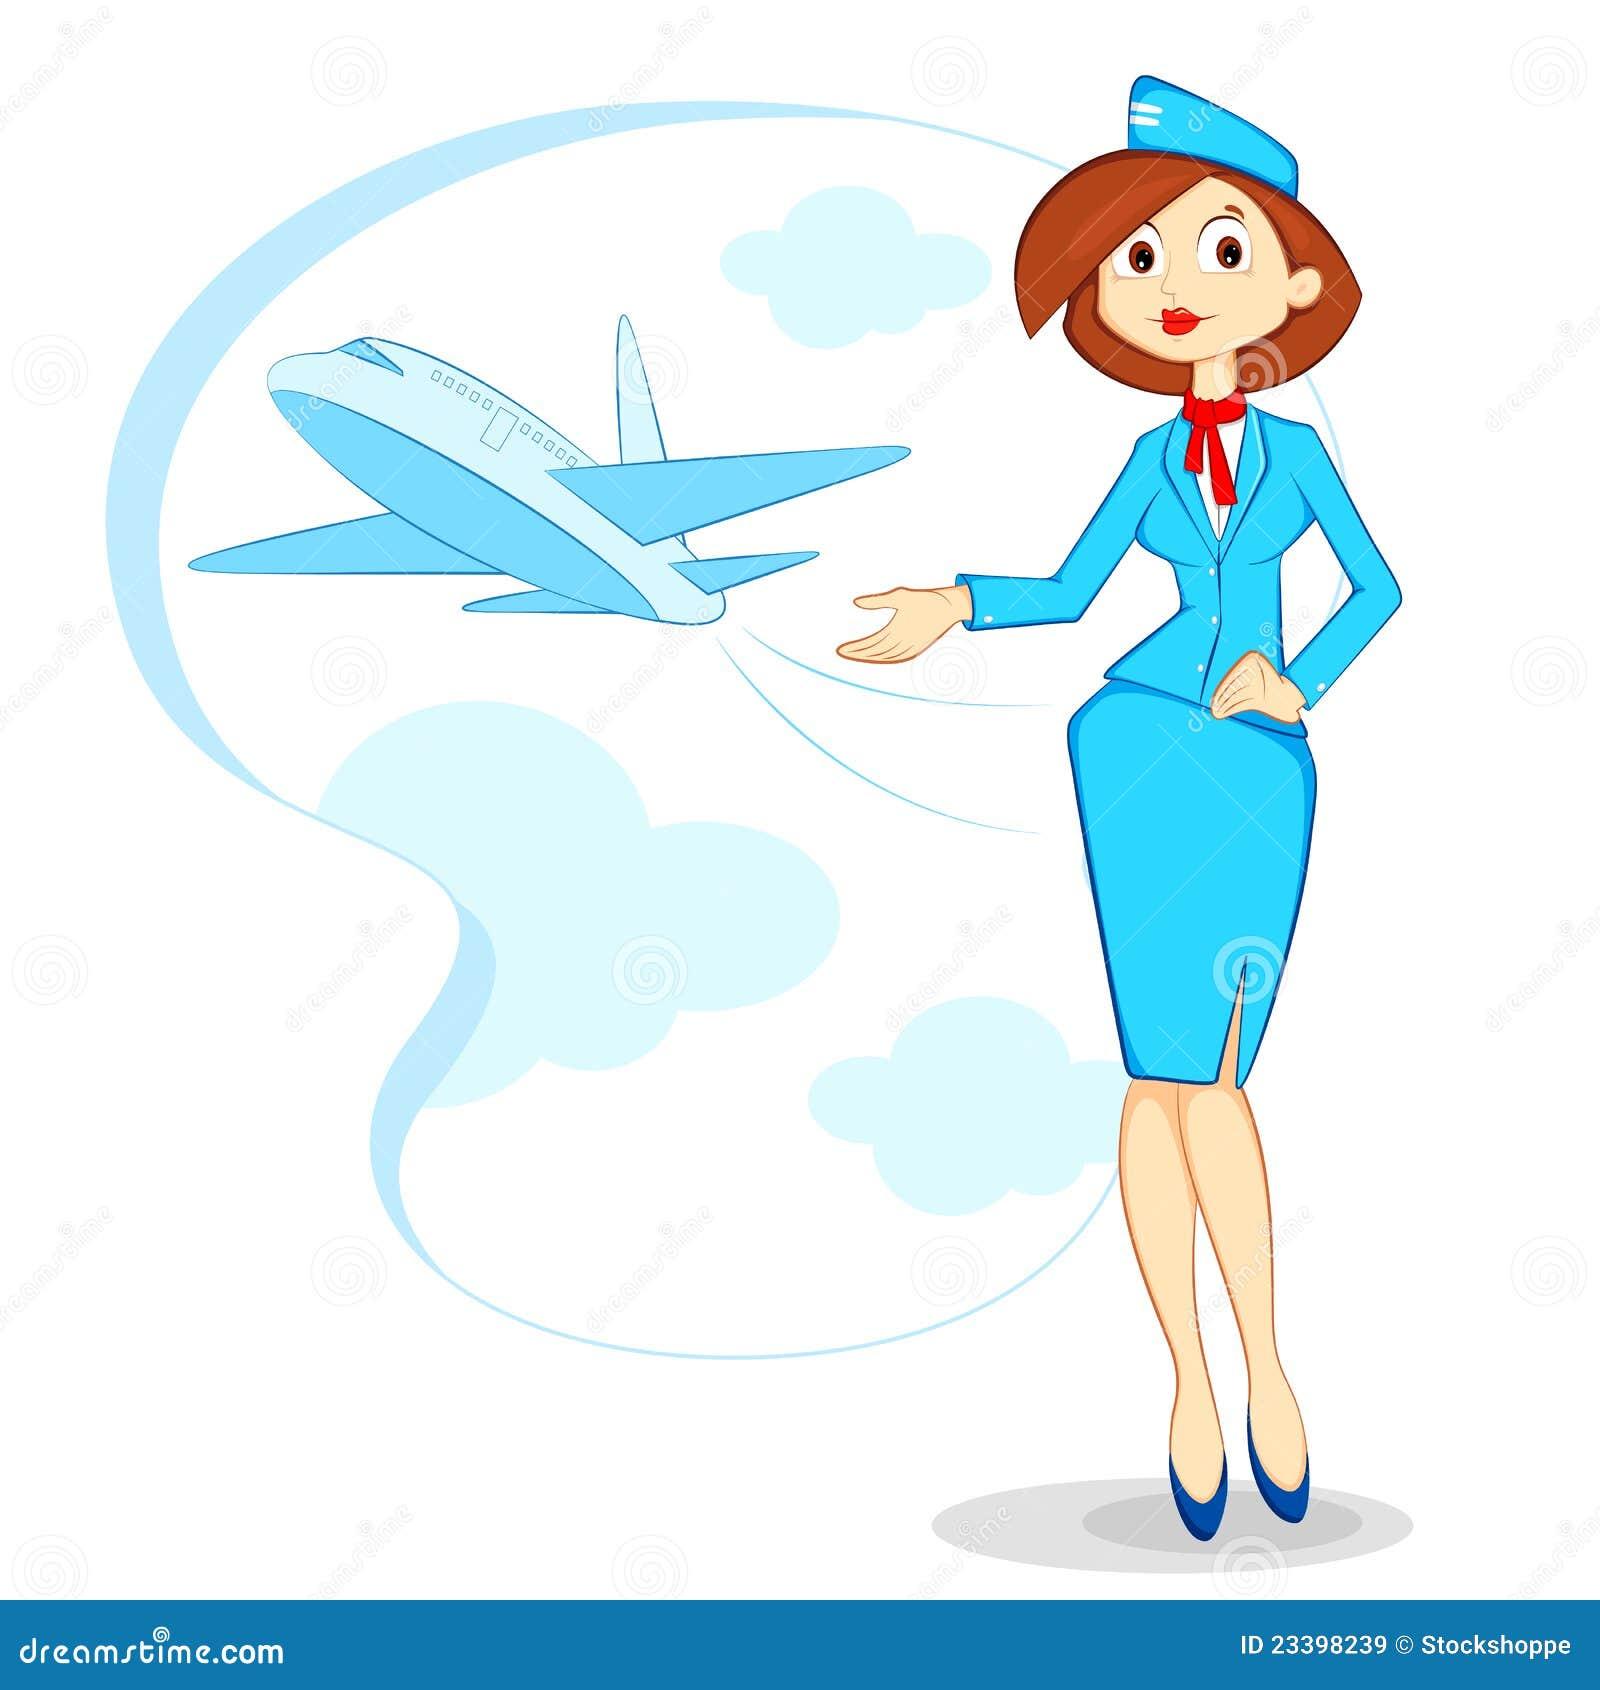 Картинки стюардесса и самолет для детей